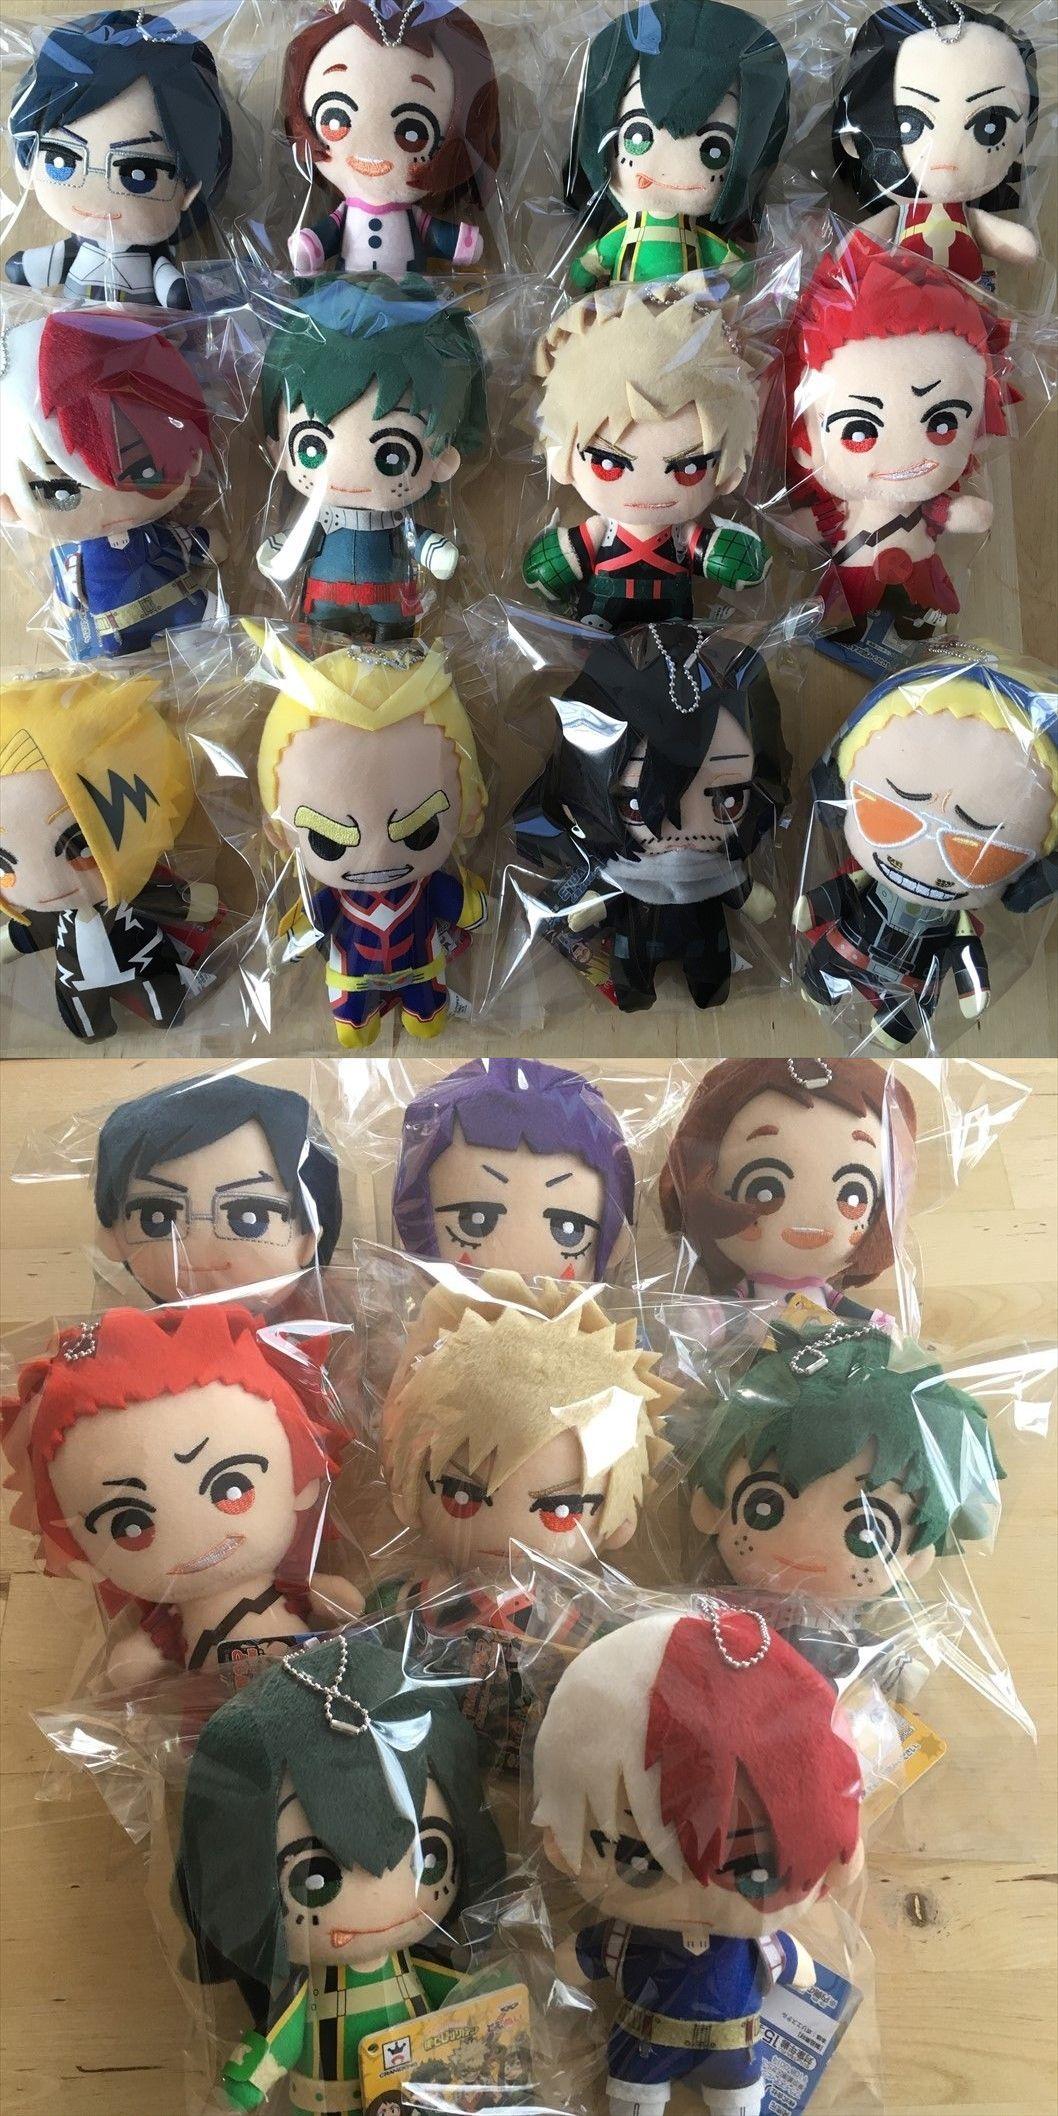 MY HERO ACADEMIA Plush with Key Chain MOCHI MOCHI Mascot Syoto Bakugo Izuku...